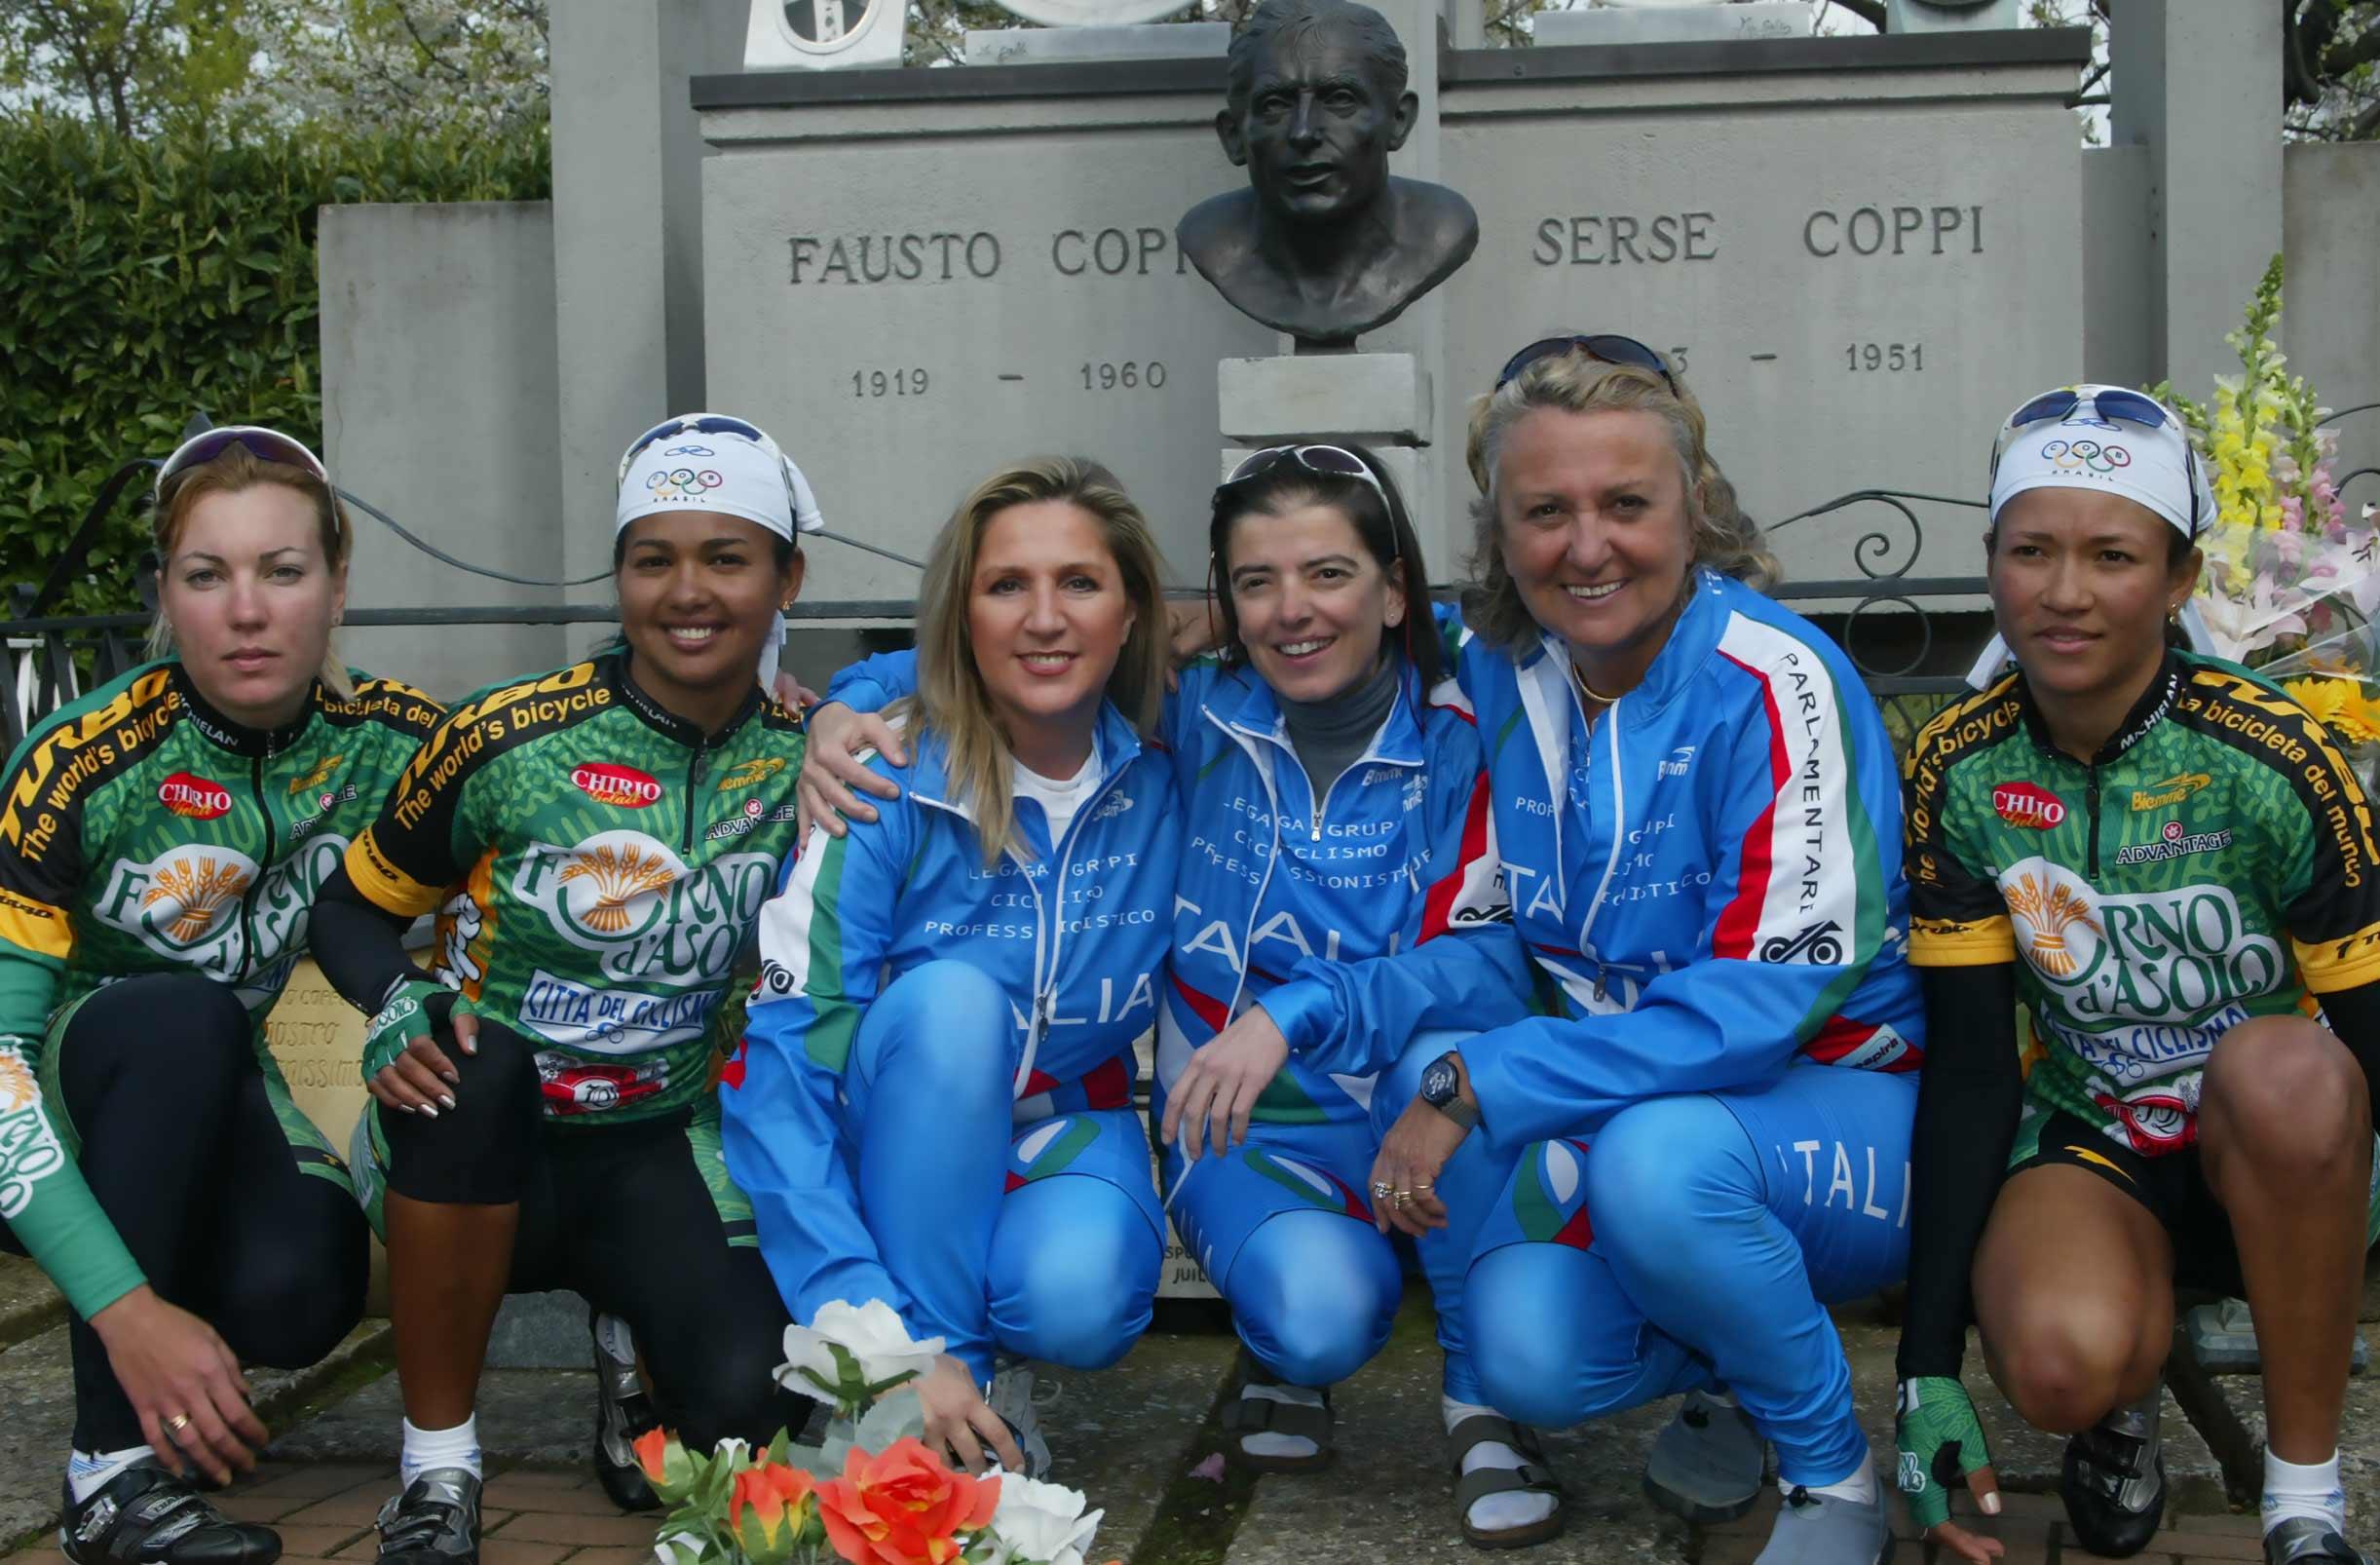 Novi Ligure (AL), 18 aprile 2004 - Mausoleo di Fausto e Serse Coppi con Laura Cima e Carmen Motta della squadra parlamentare di ciclismo